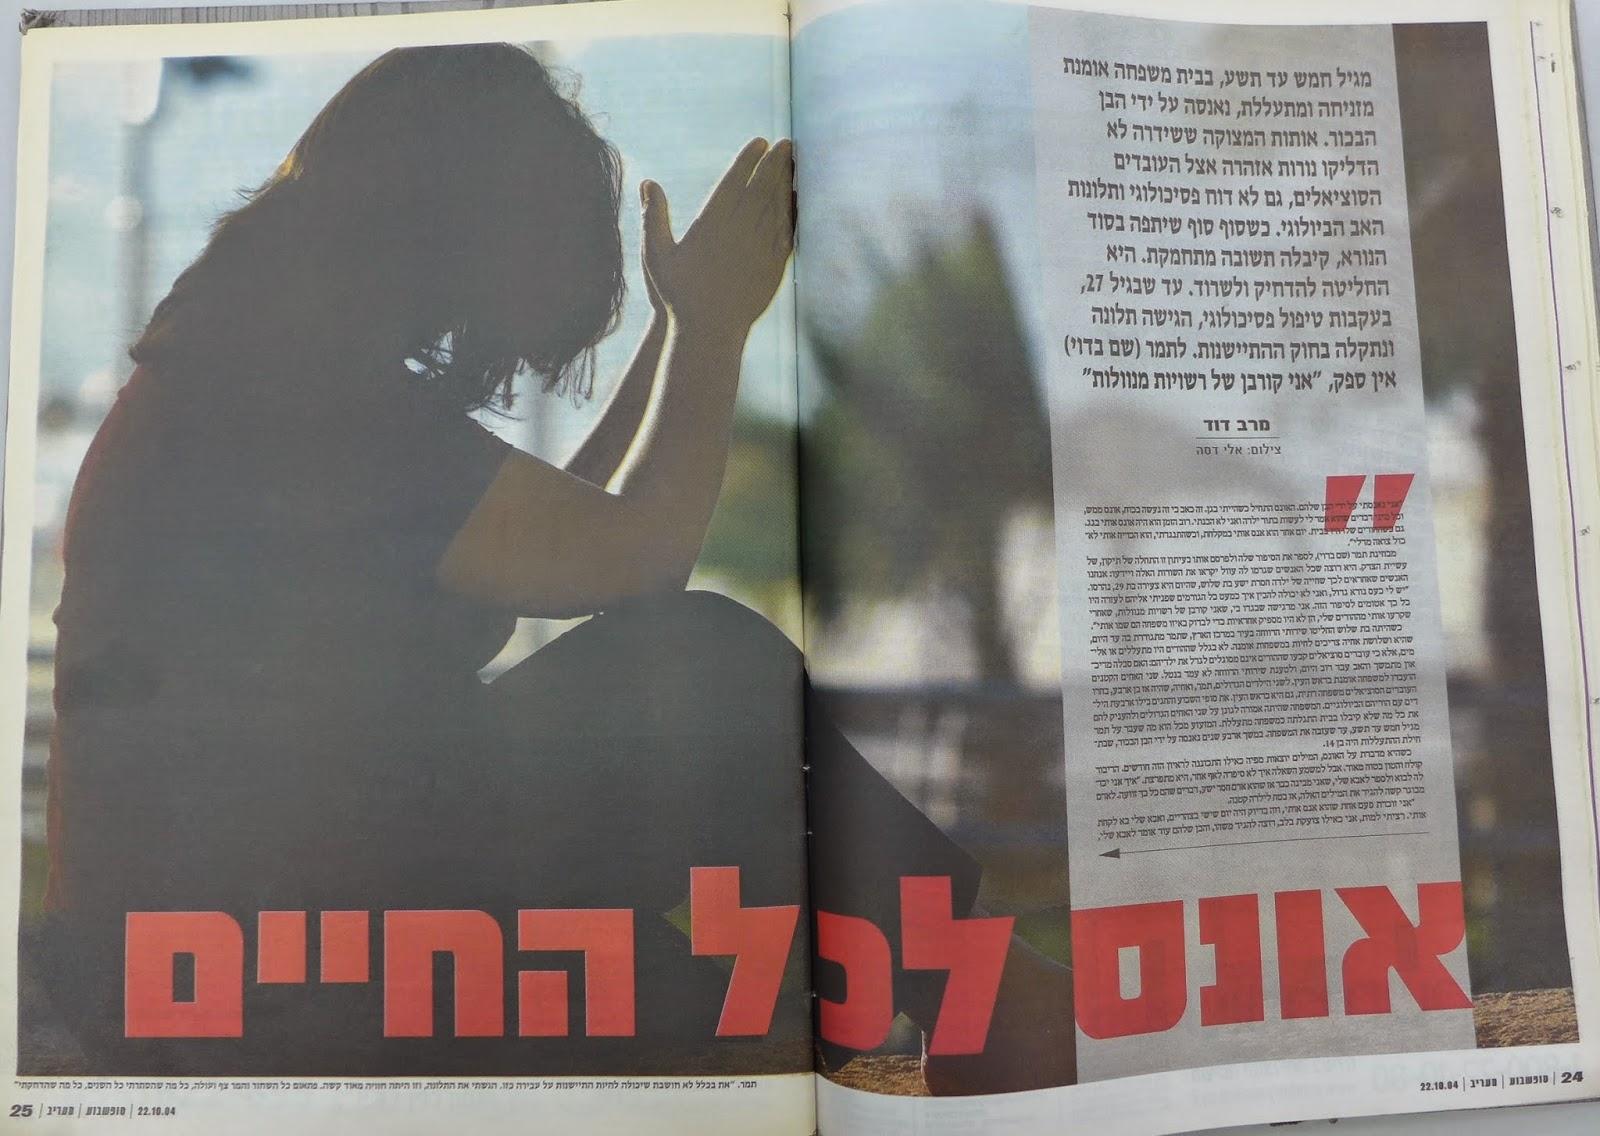 אונס לכל מחיים במשפחת אומנה - מרב דוד - מעריב סופשבוע - 22.10.04